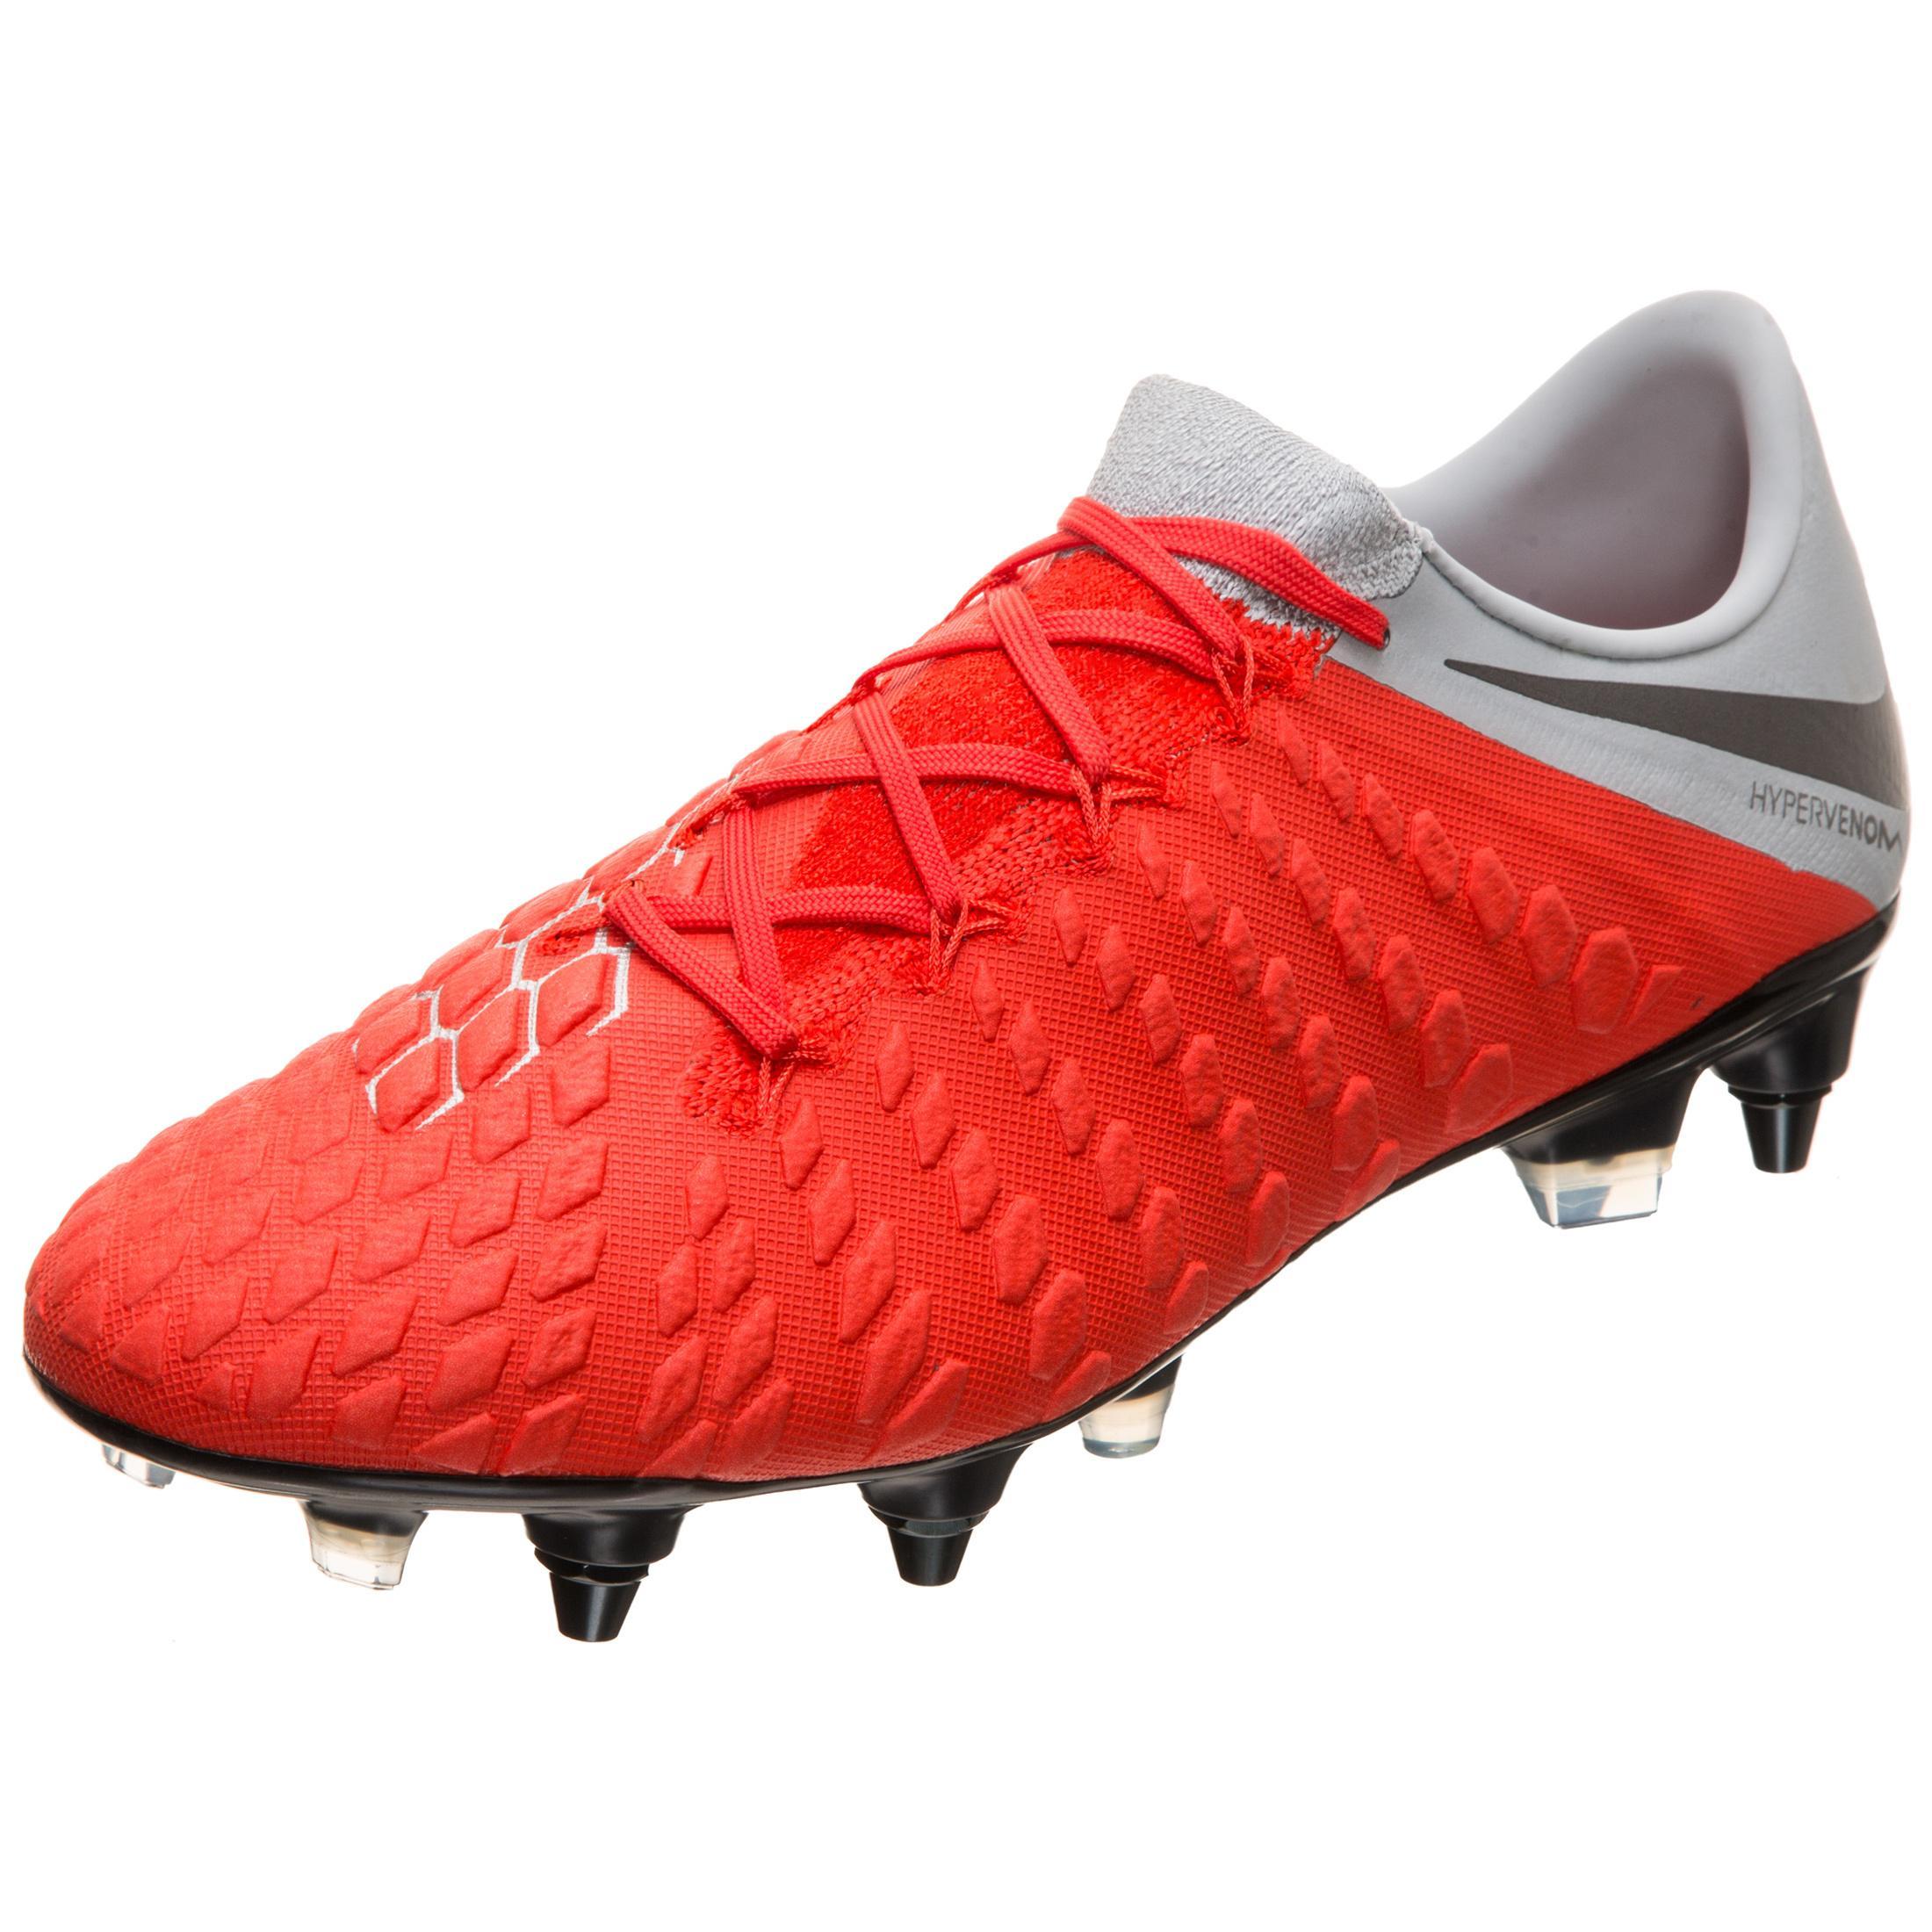 Nike Hypervenom Phantom III Elite SG-Pro AC Fußballschuhe Herren rot / grau  im Online Shop von SportScheck kaufen